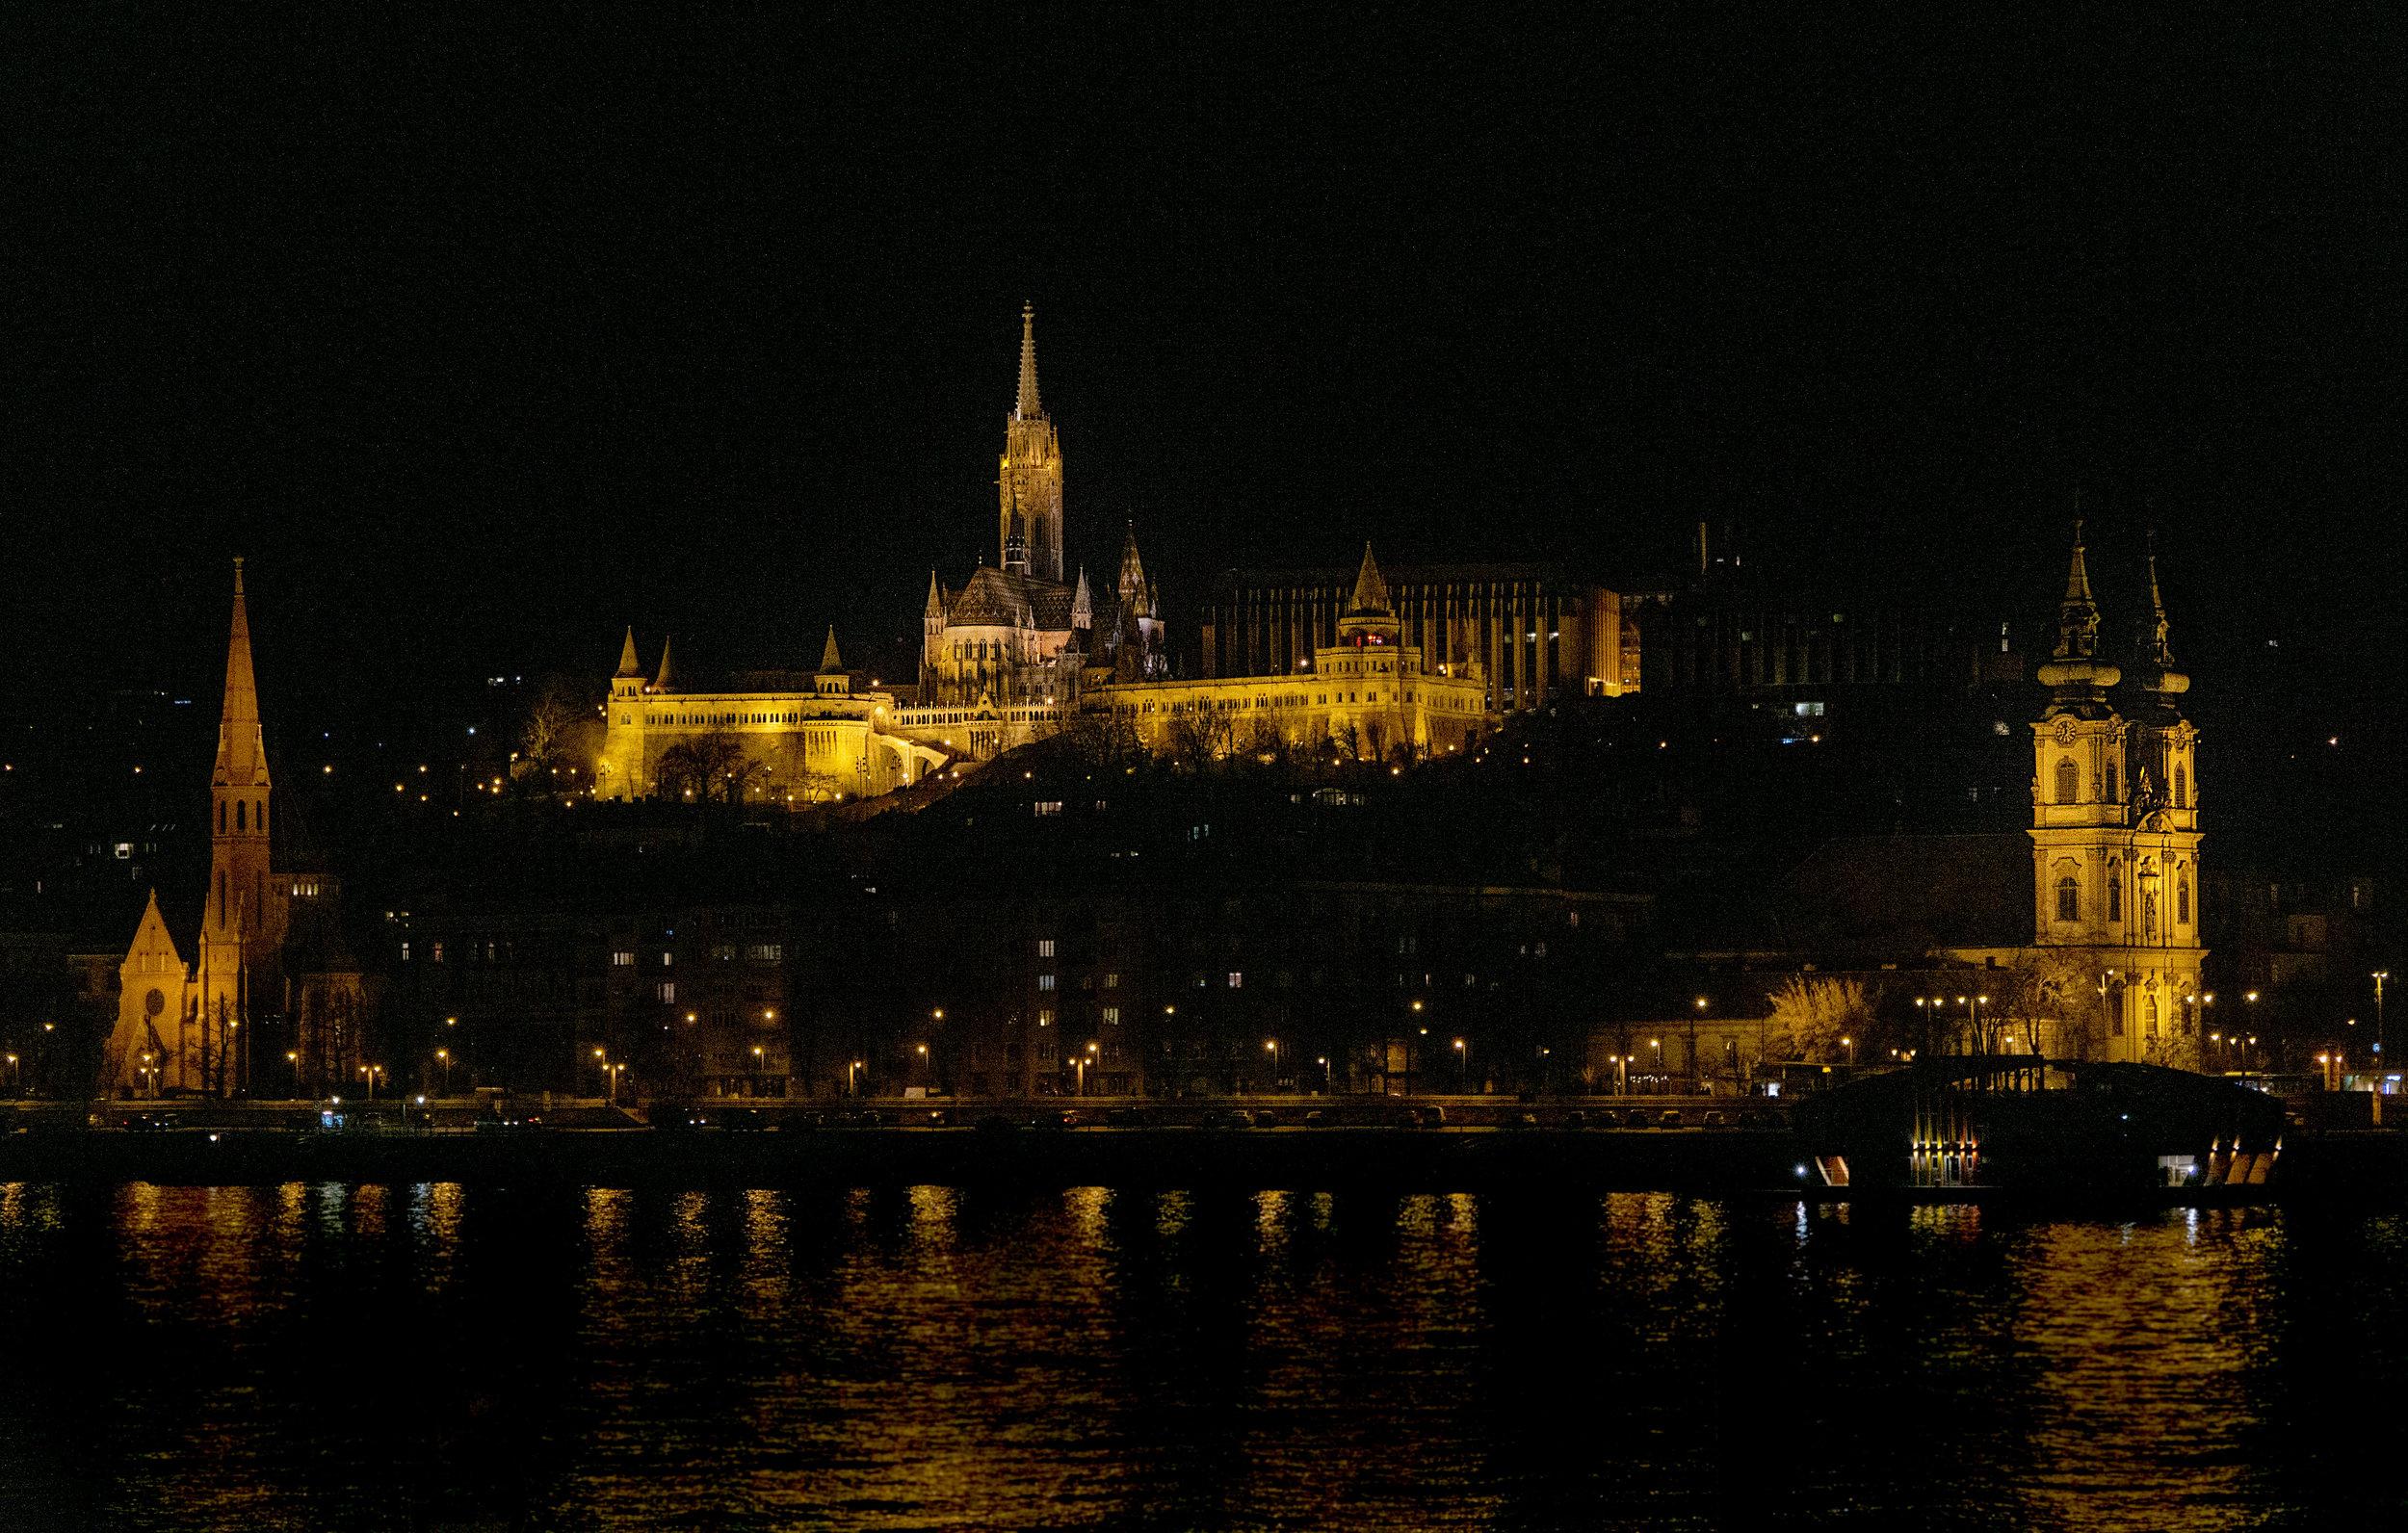 budapest_vickygood_travel_photographysm.jpg